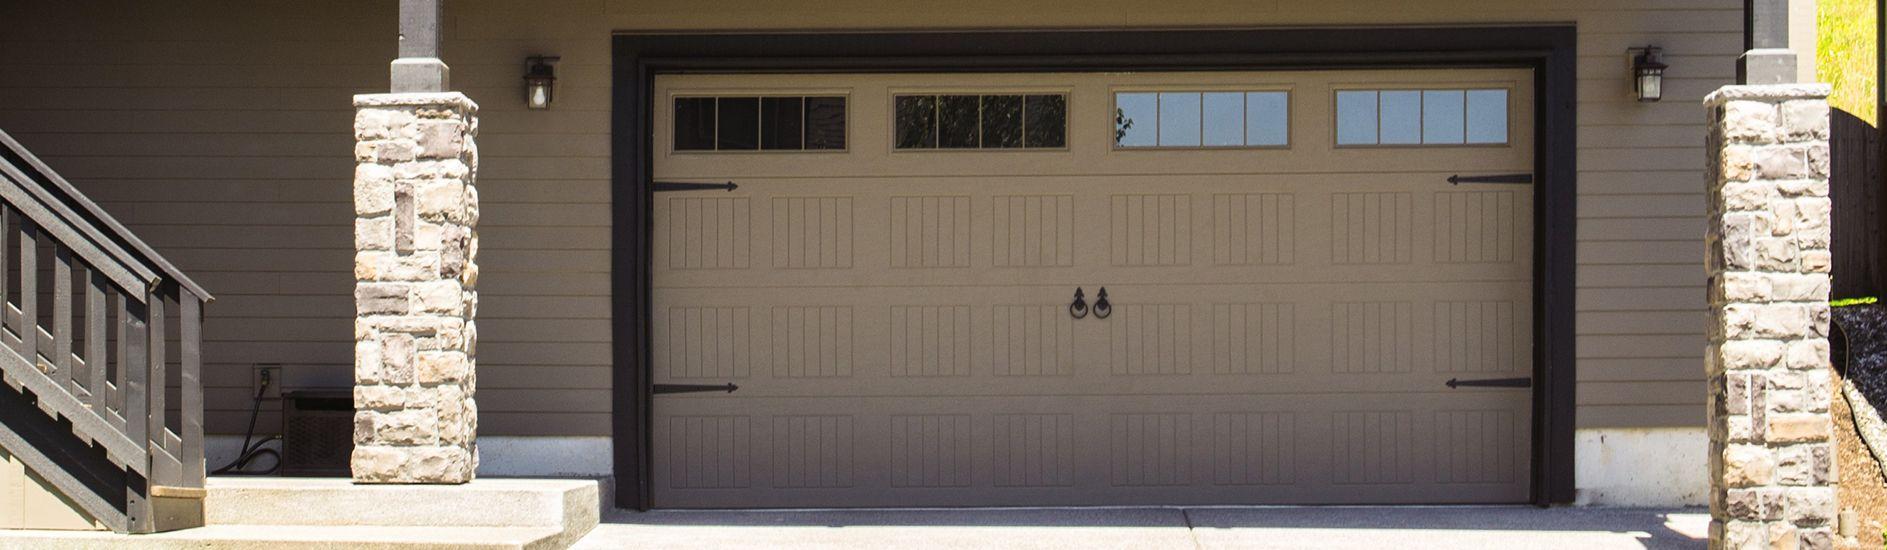 9100 9600 steel garage door sonoma taupe stockbridge [ 1887 x 550 Pixel ]